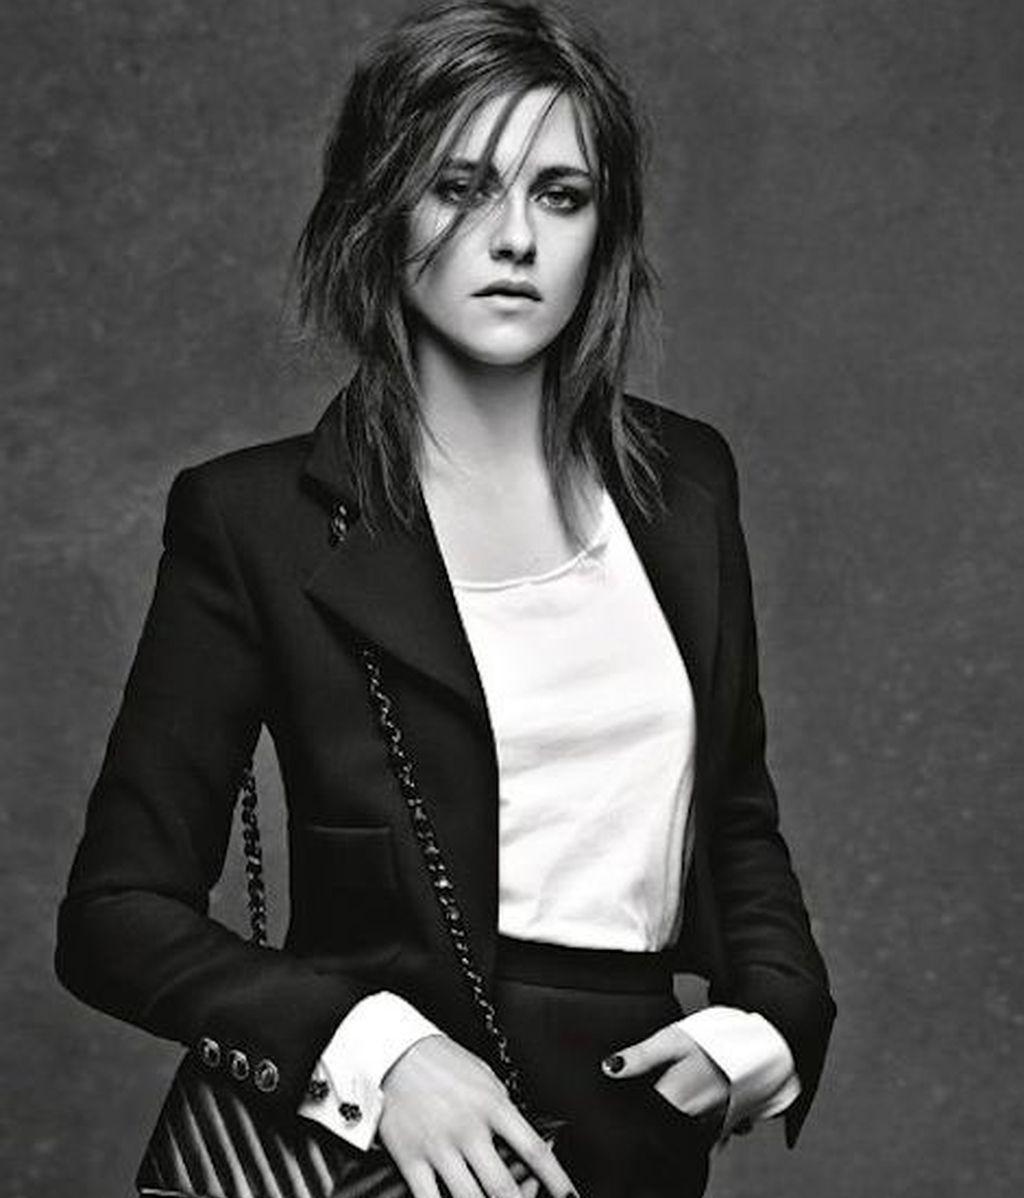 El 11.12 de Kristen Stewart